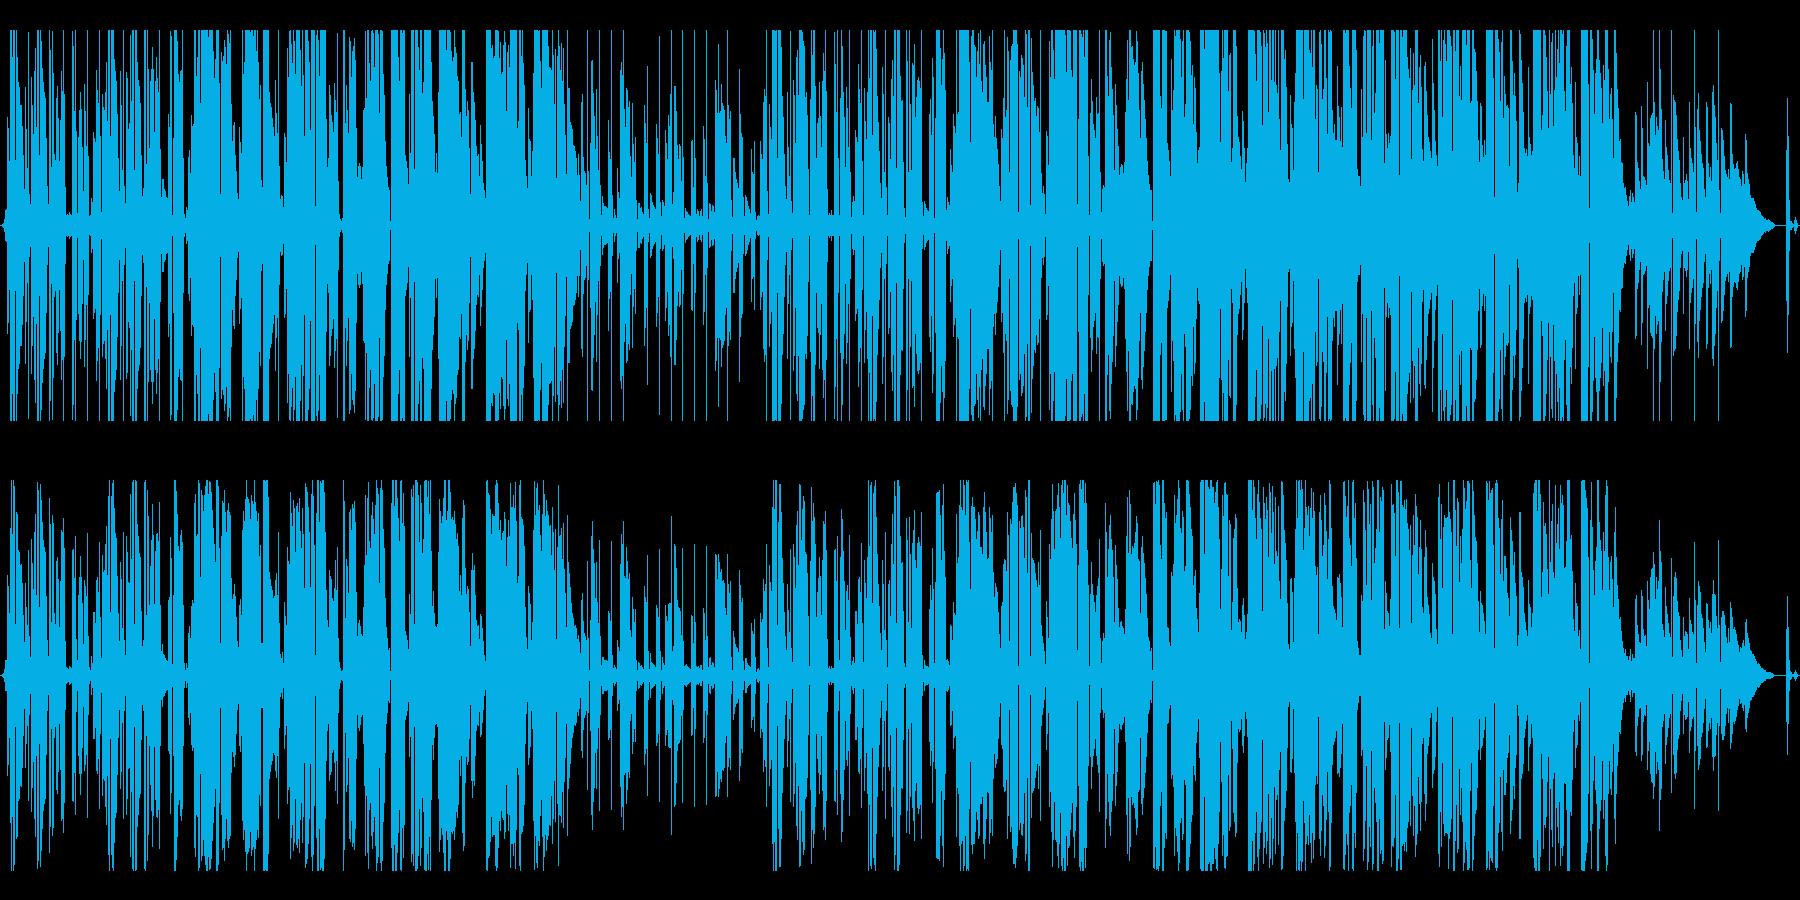 切ない弾き語りバラードの再生済みの波形